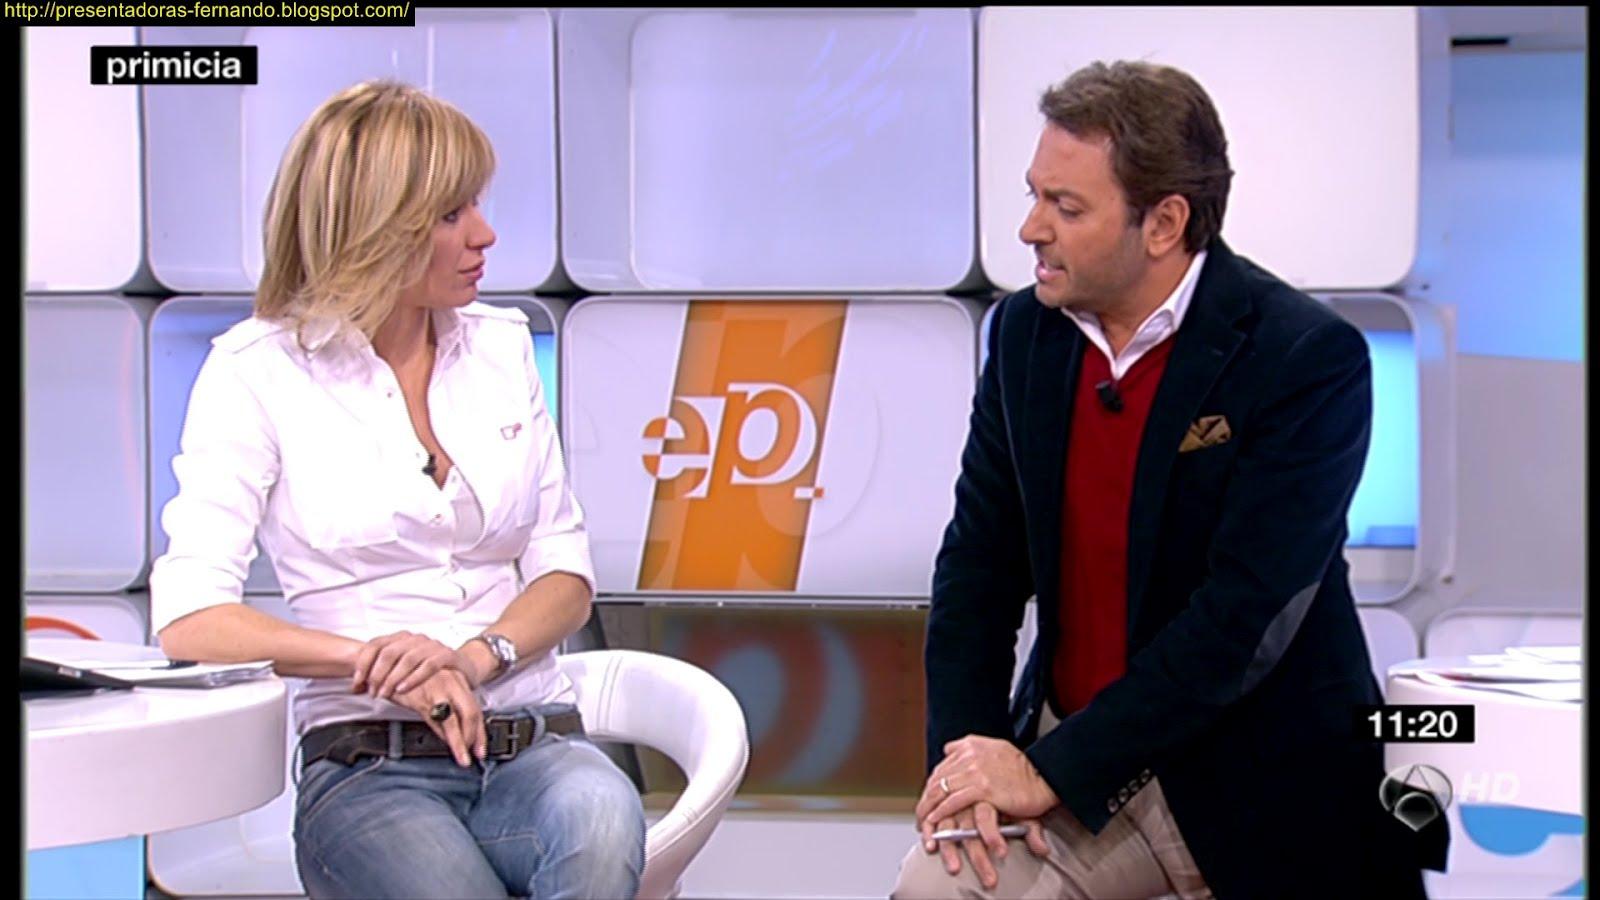 Presentadoras fernando susana griso camisa y vaqueros espejo publico 10 2 2012 - Espejo publico hoy ...